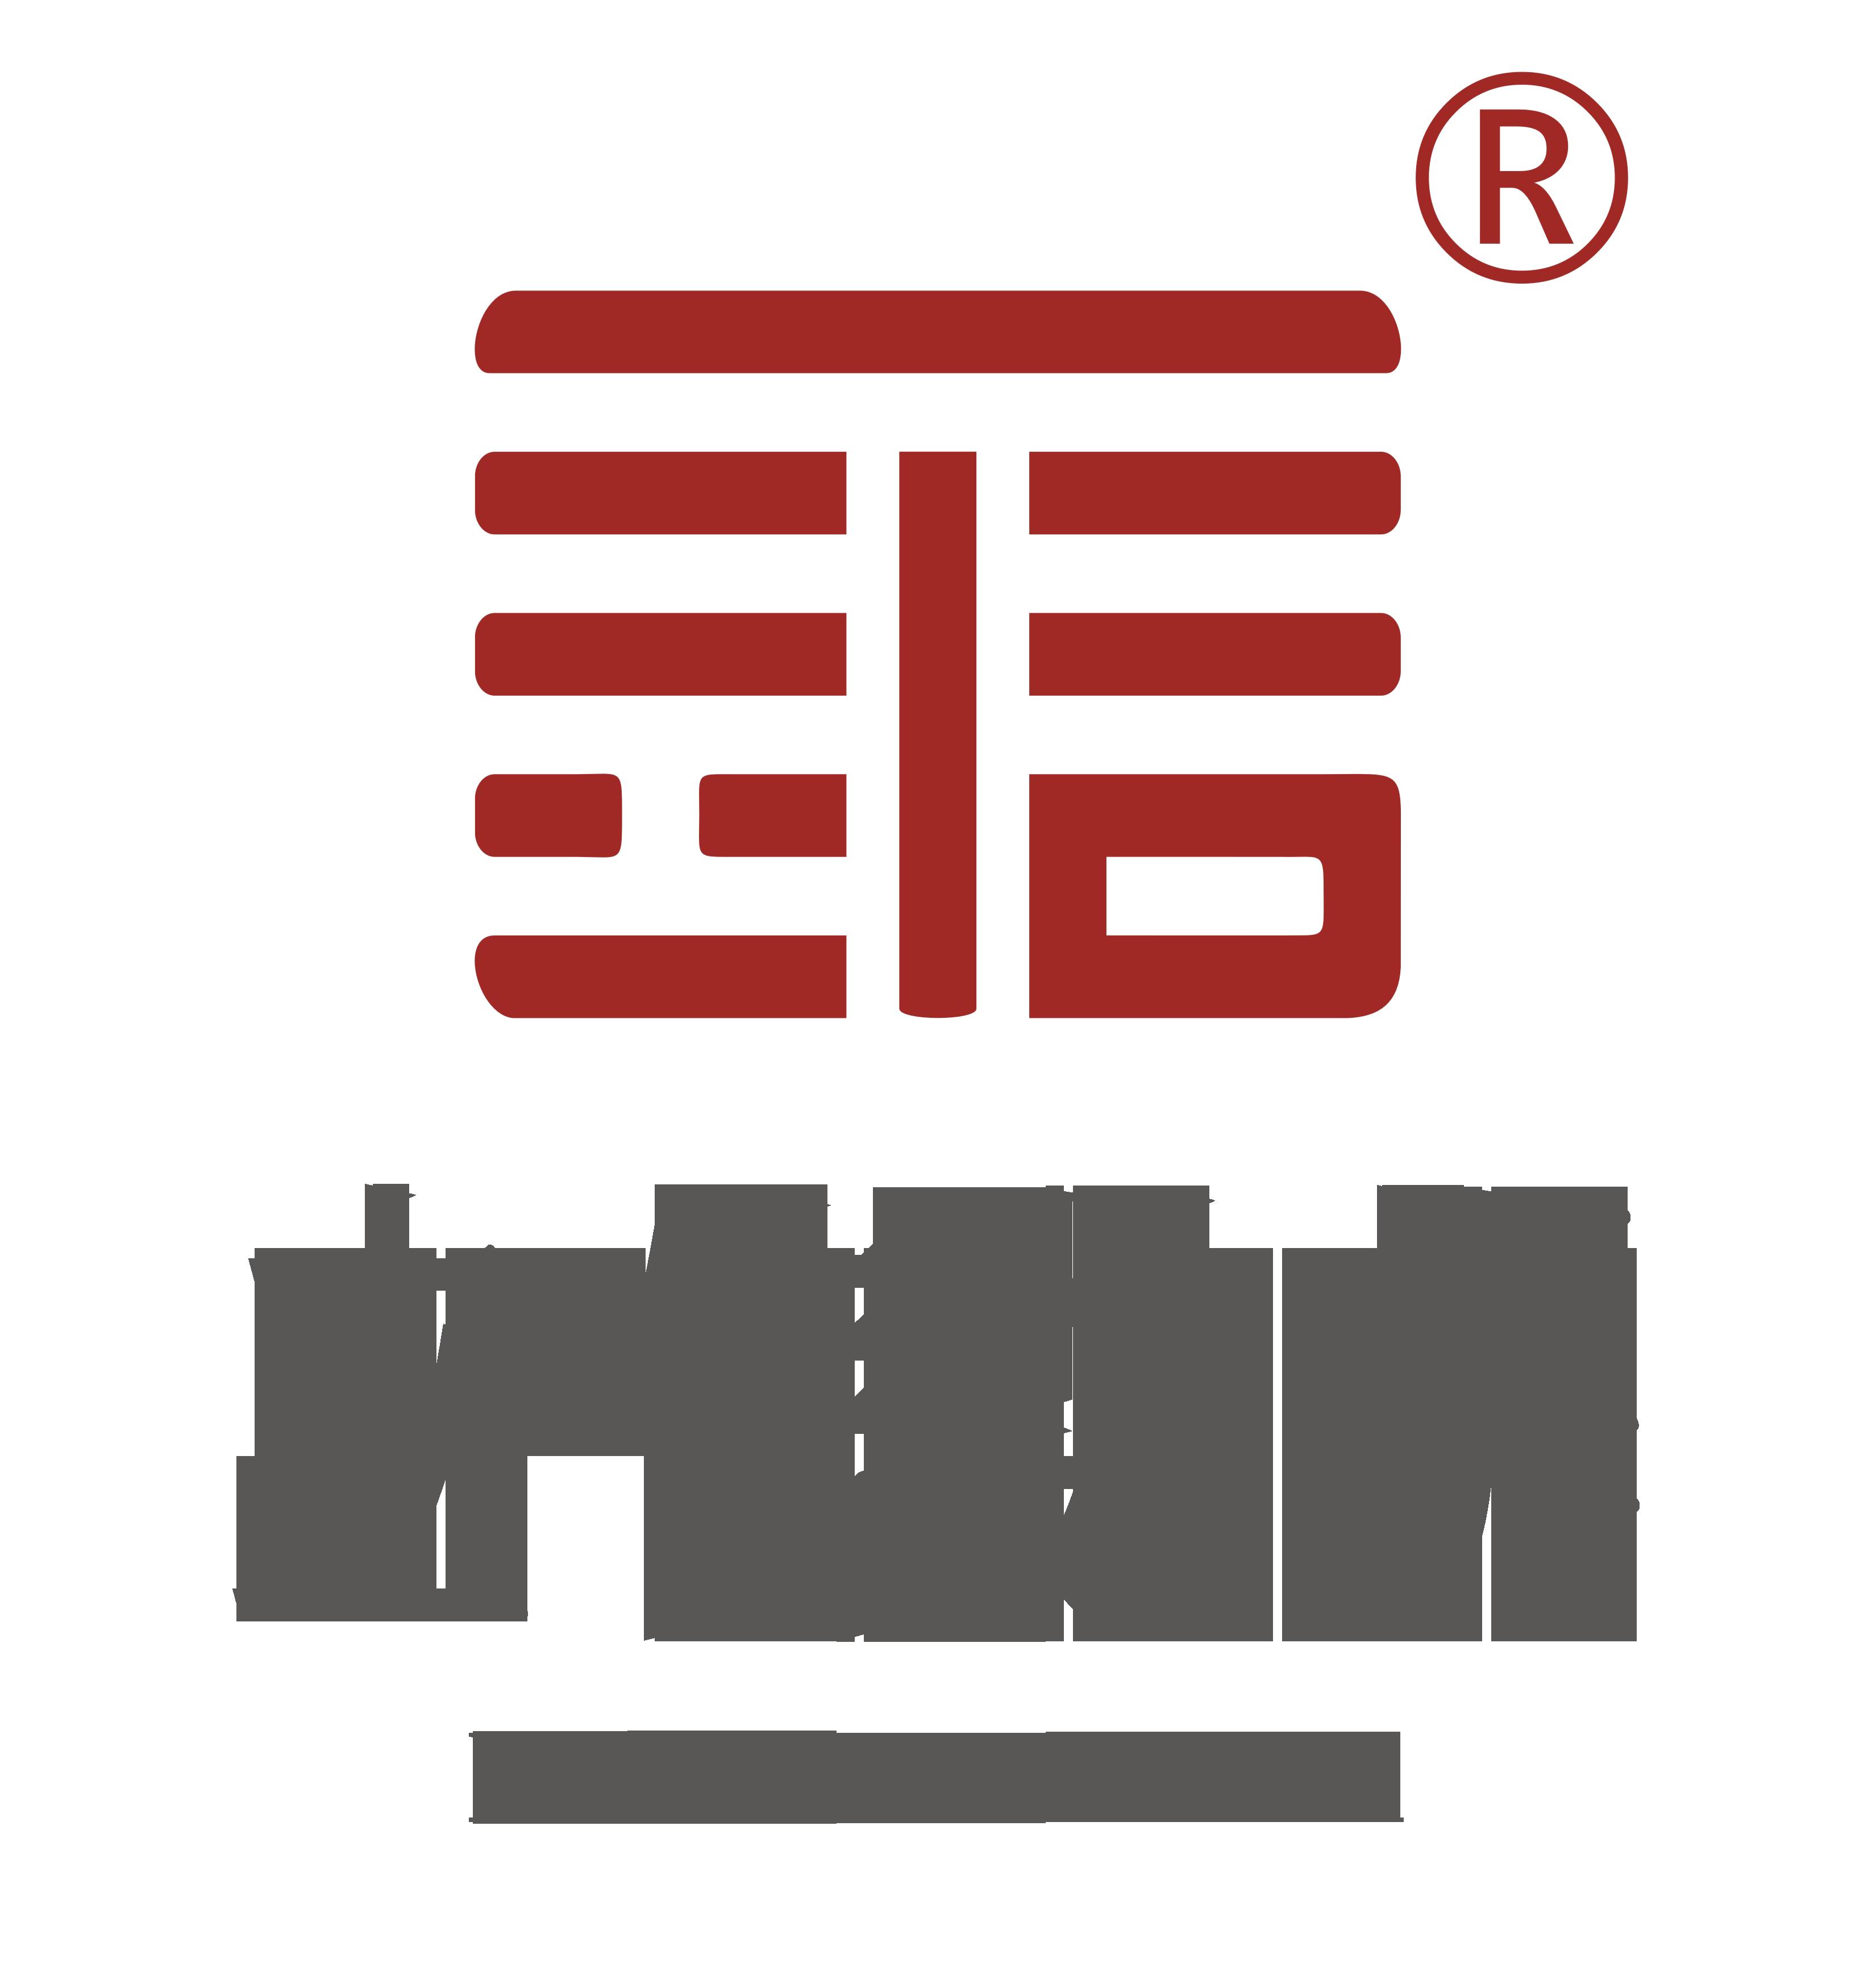 重庆仙桃数据谷投资管理有限公司